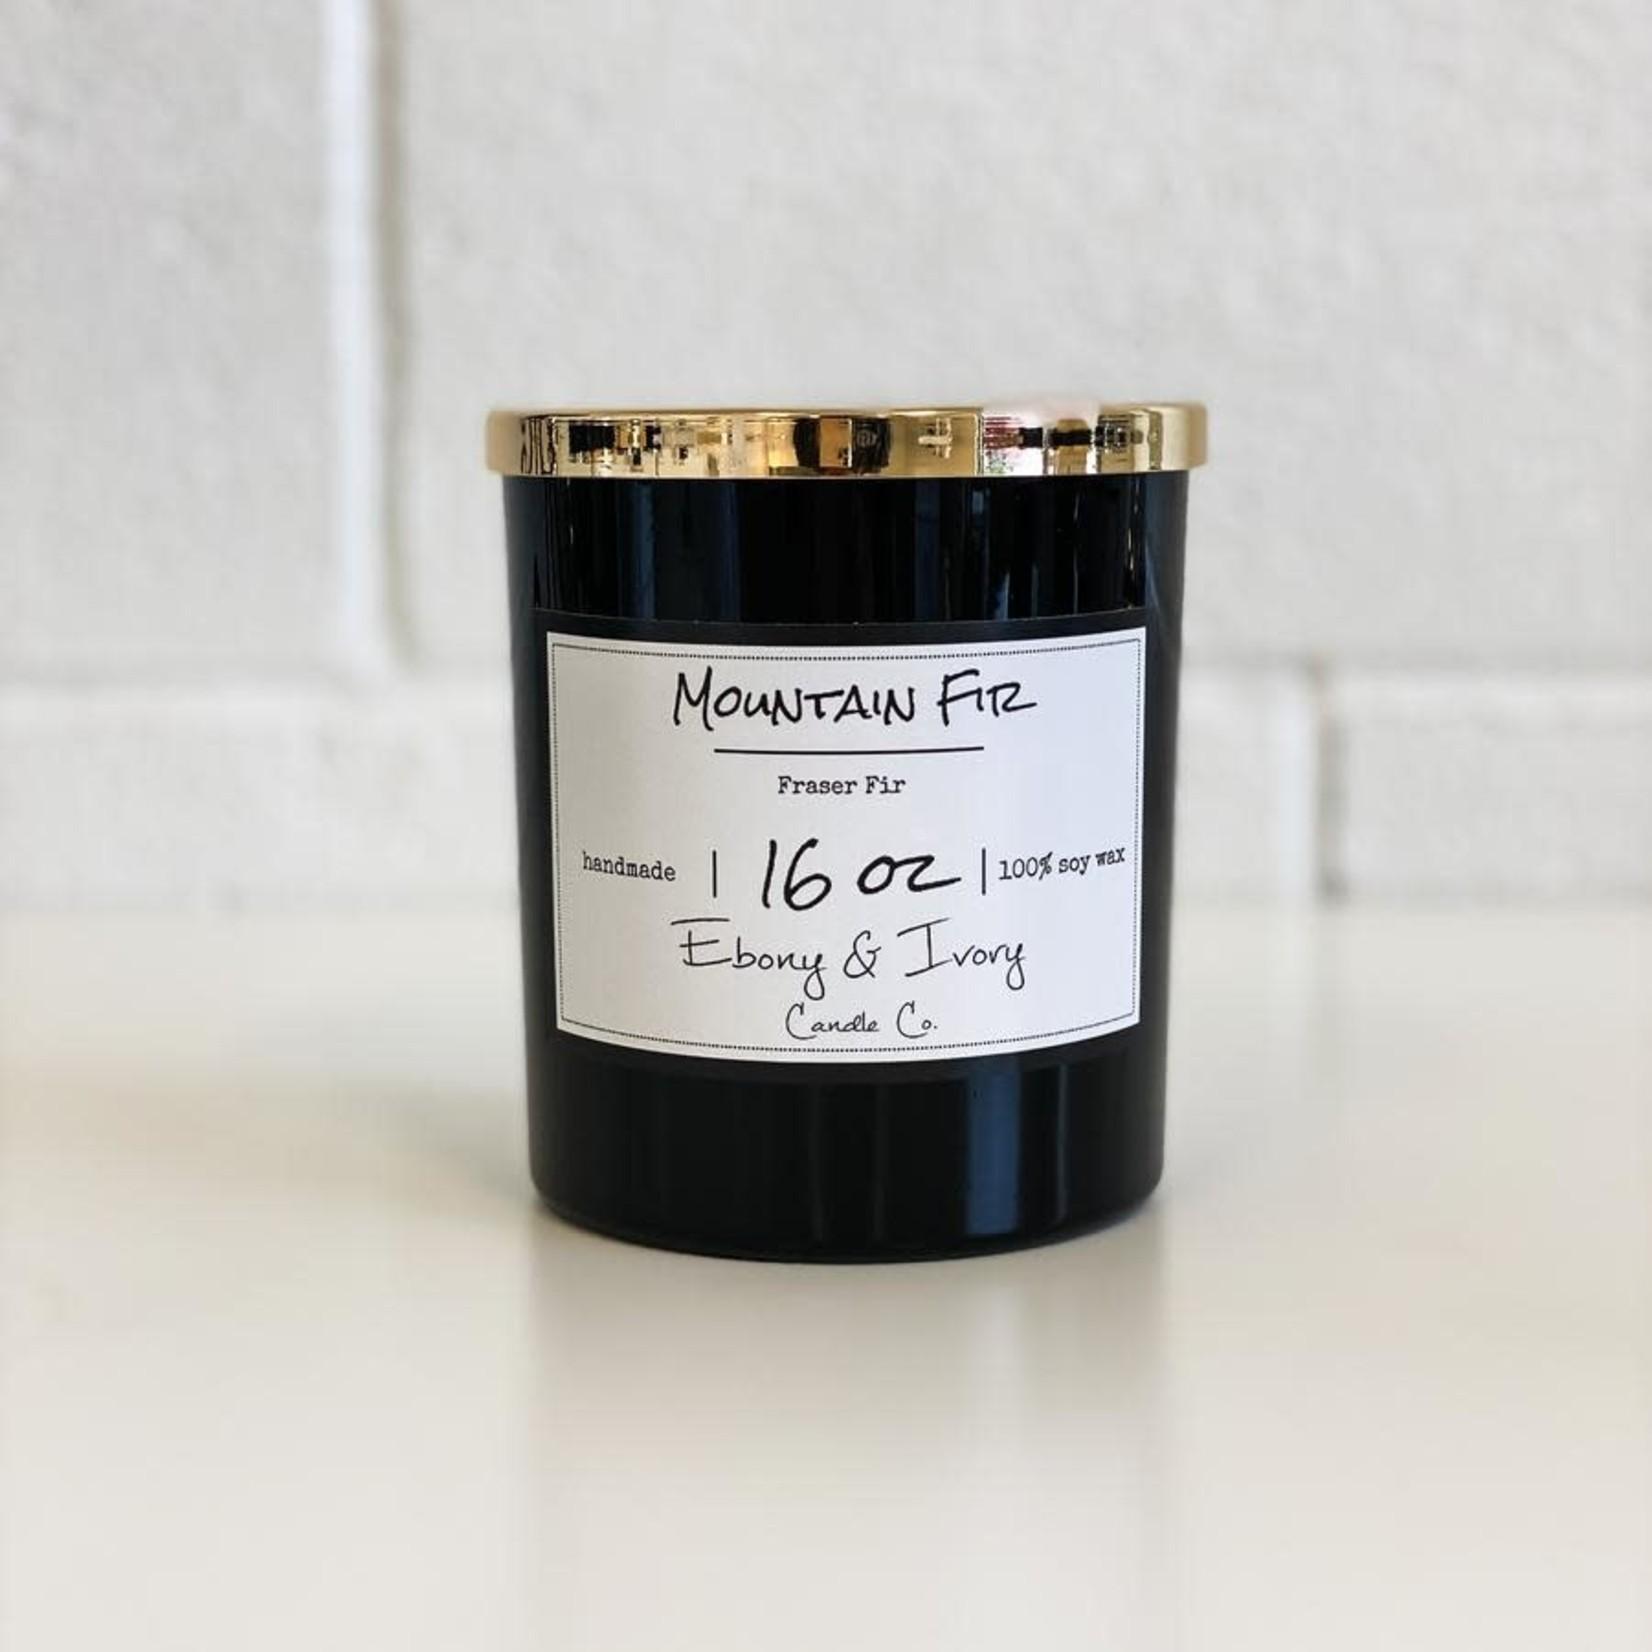 Ebony & Ivory Candle Co. - Mountain Fir